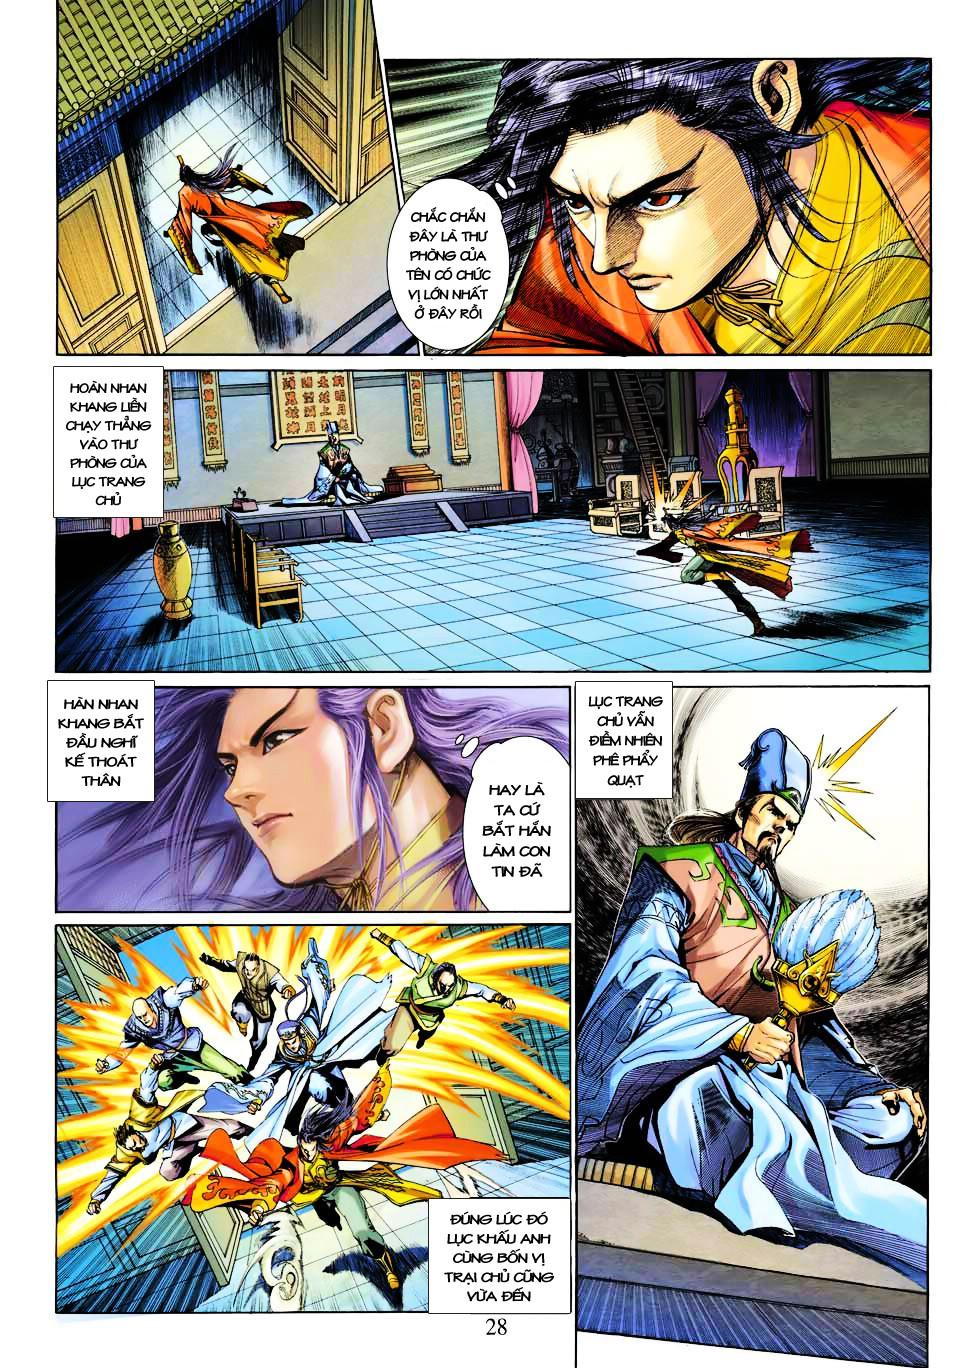 Anh Hùng Xạ Điêu anh hùng xạ đêu chap 27 trang 28